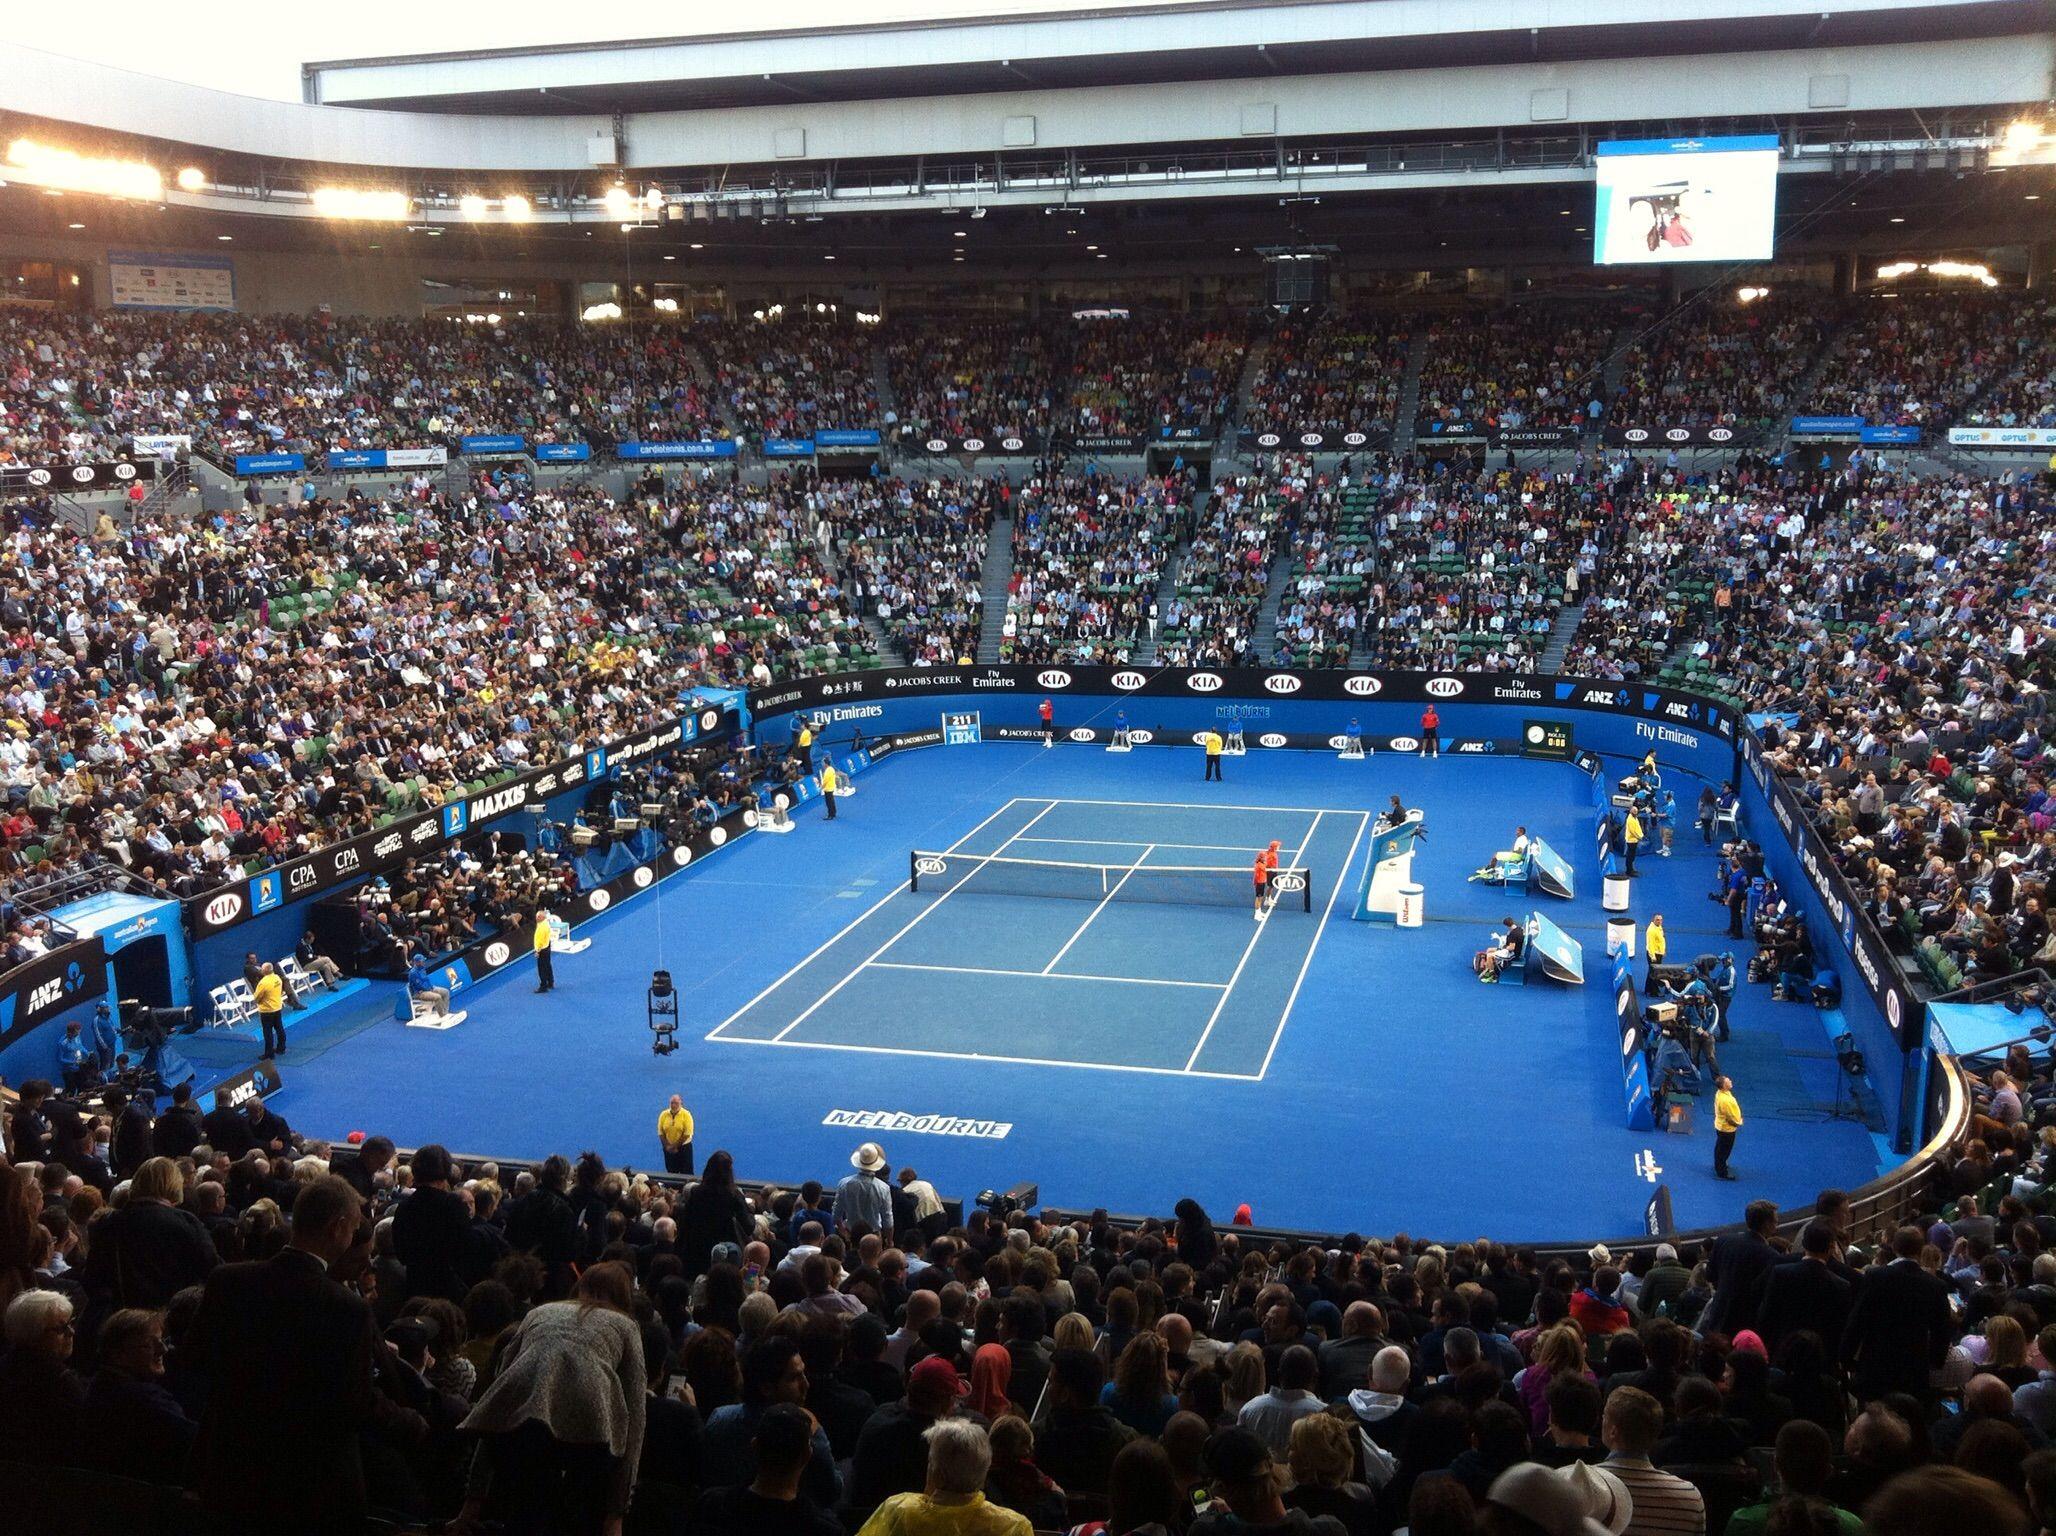 Australian Open: Craig Tiley conferma che lo shot clock ci sarà solo nelle qualificazioni. Alla Hopman Cup ci potranno invece essere già le due nuove regole